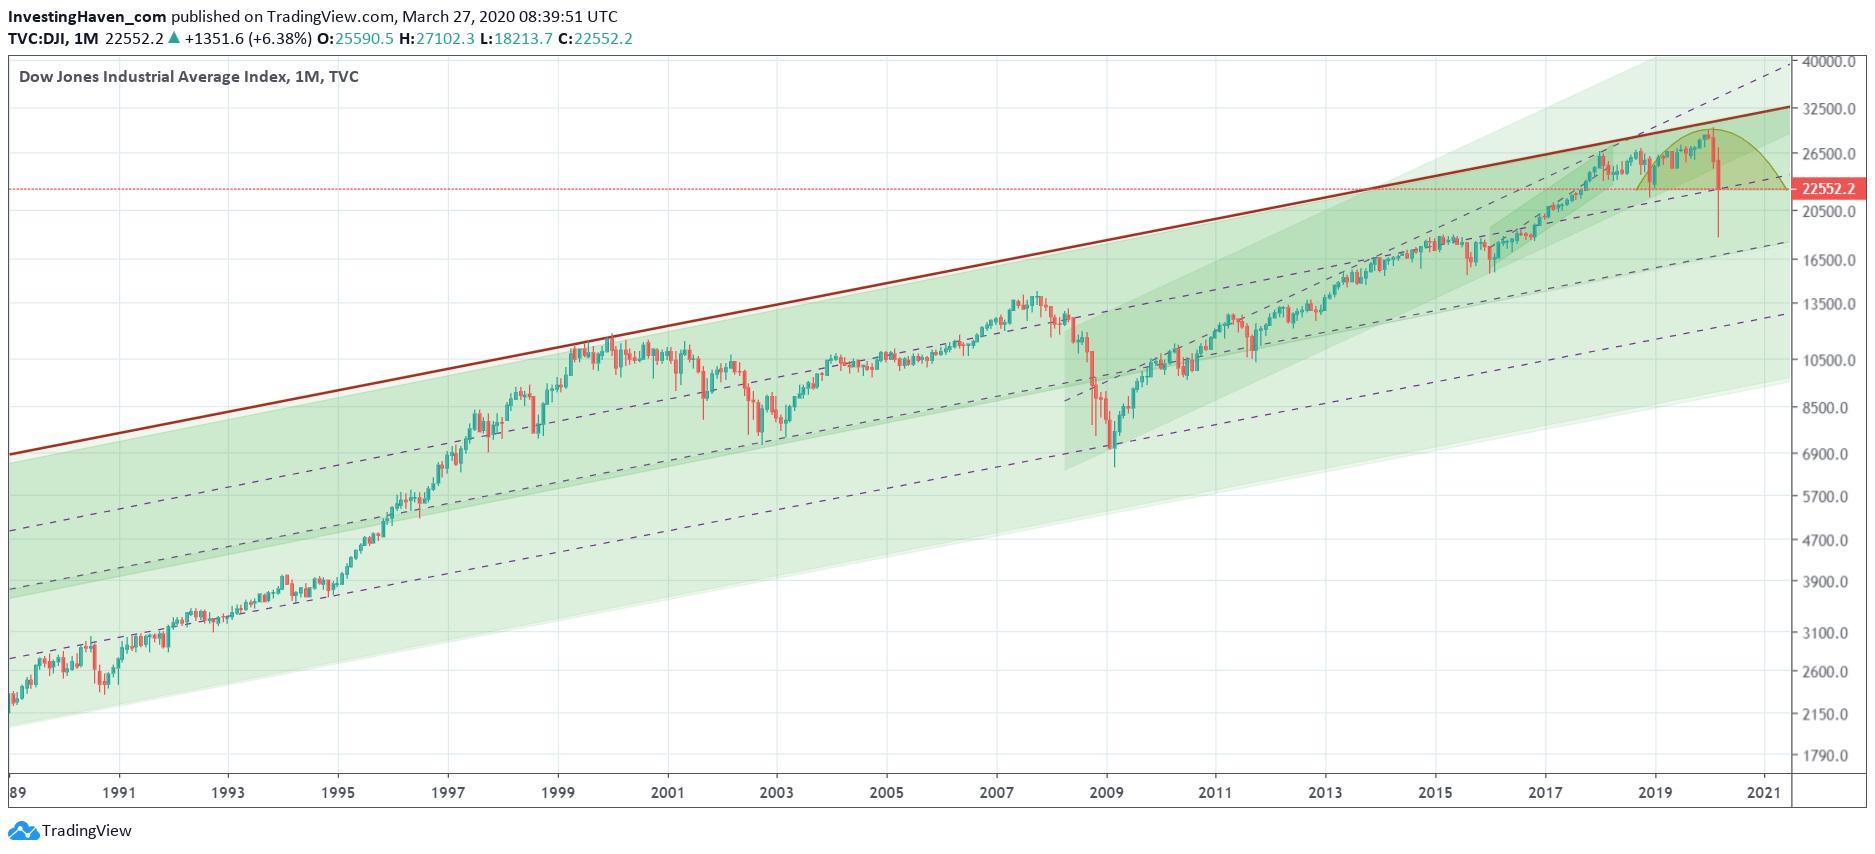 dow jones 30 year chart